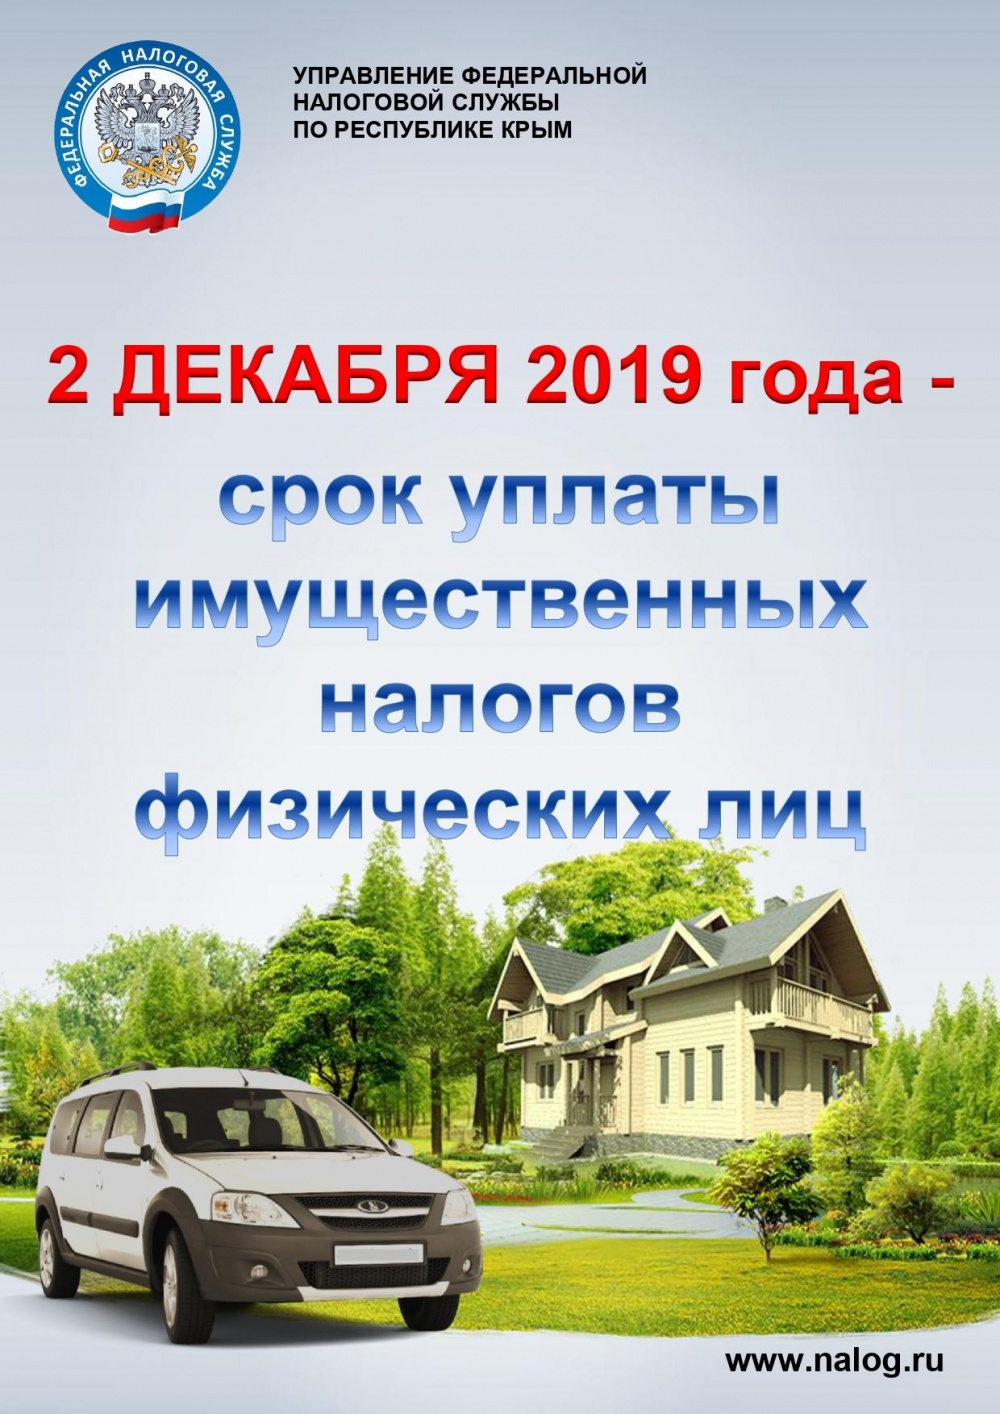 2 декабря 2019 года - срок уплаты имущественных налогов физических лиц